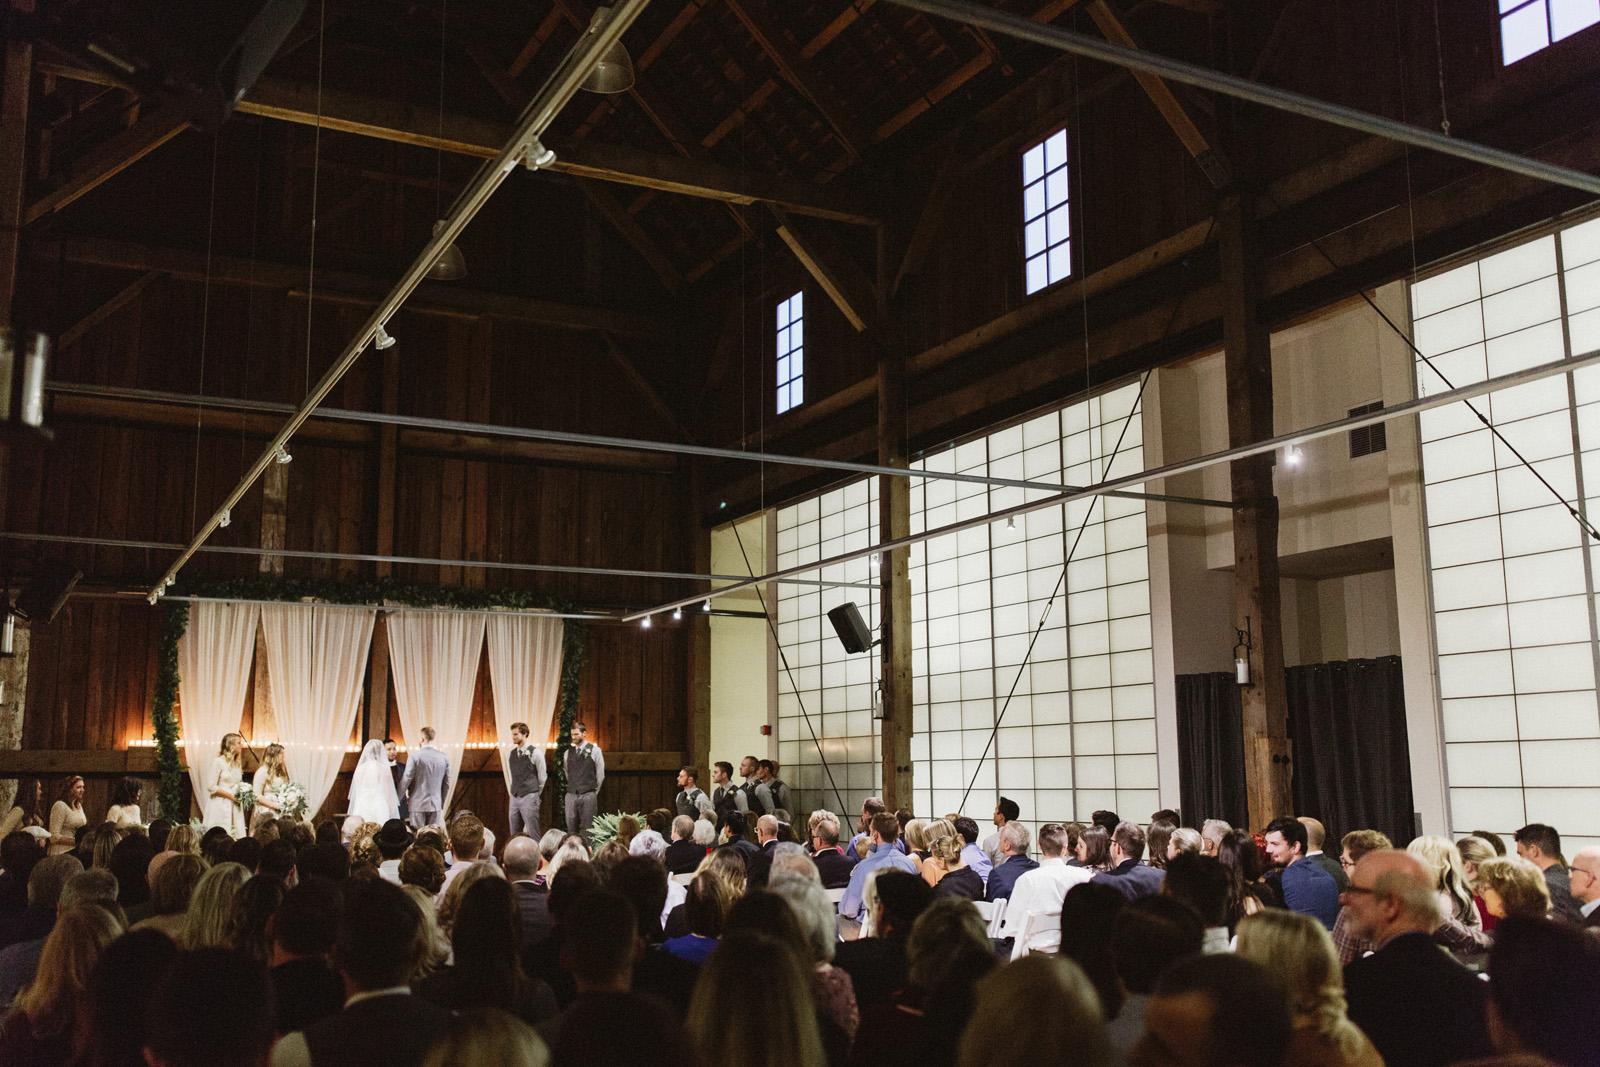 daniel-emily-35 PICKERING BARN WEDDING